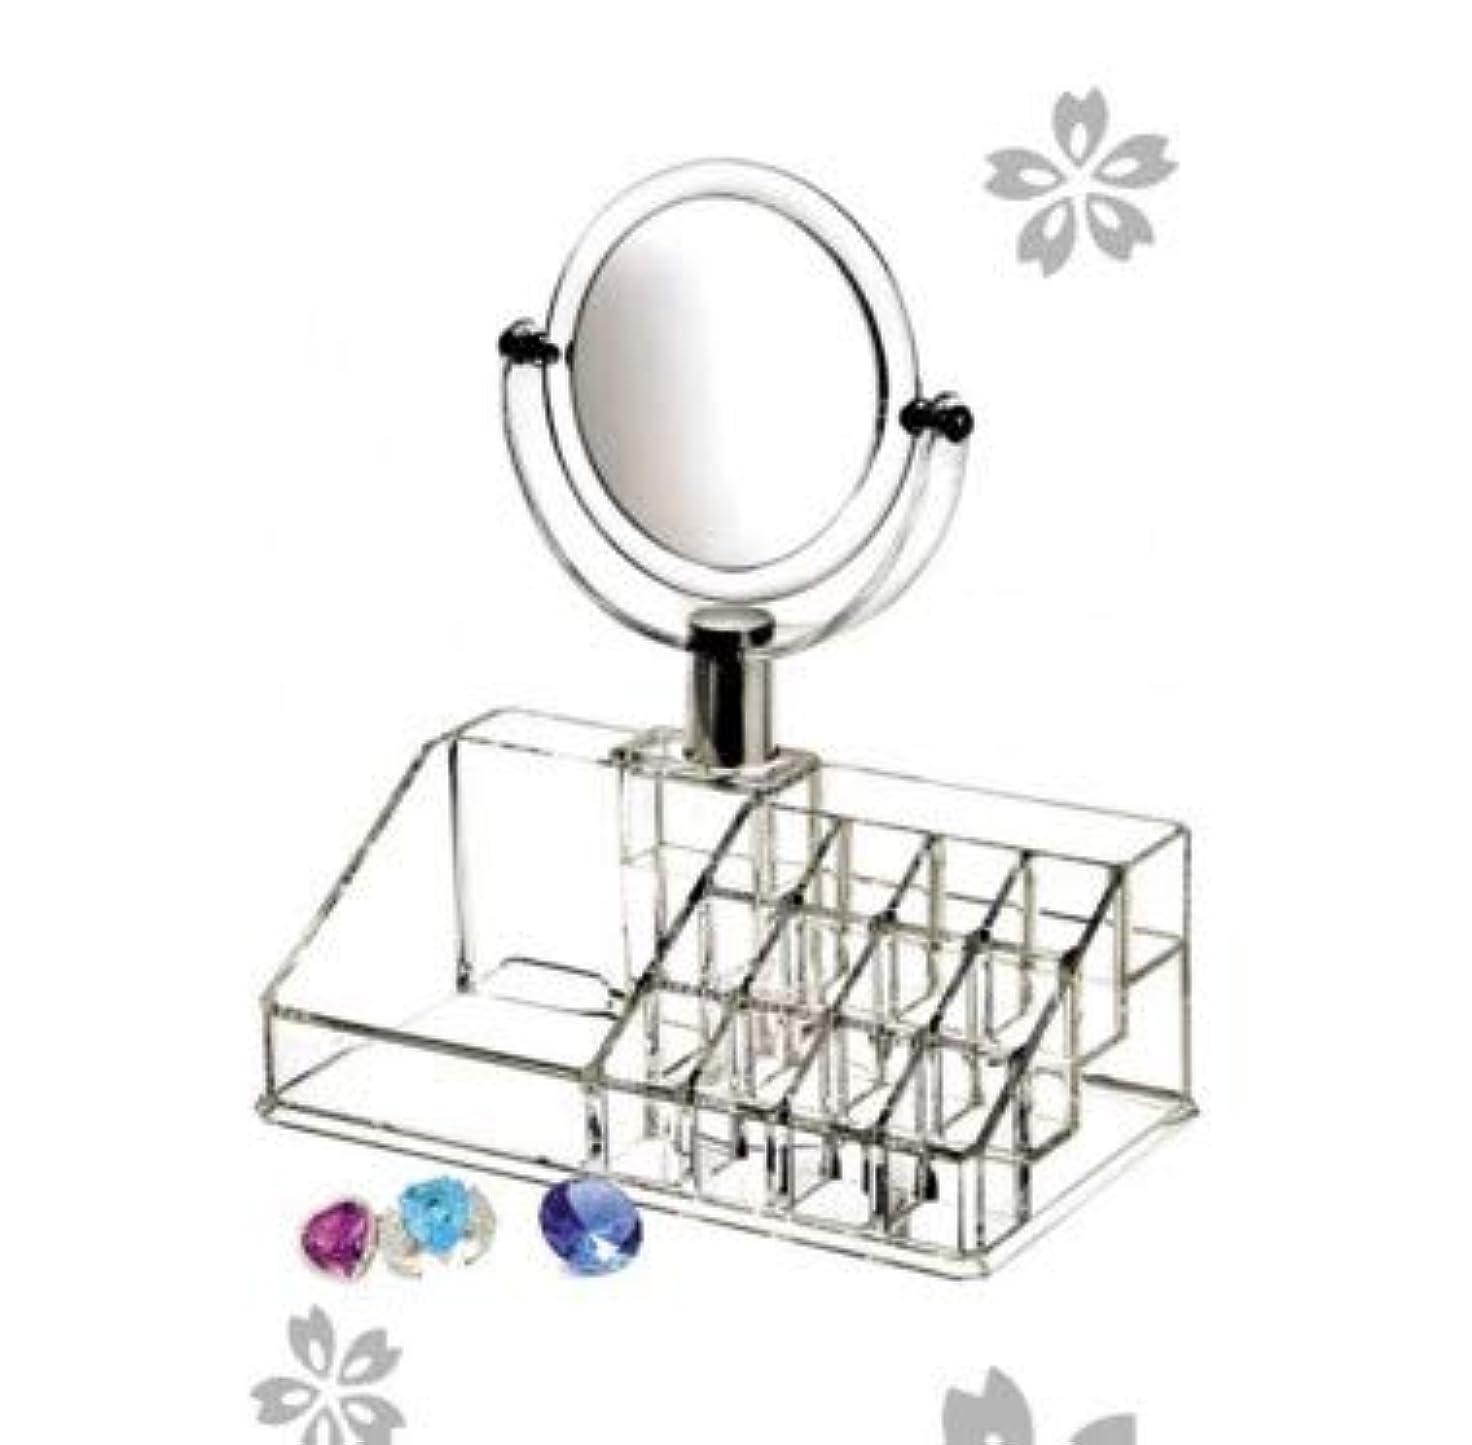 あたたかい測る健康単層デスクトップ収納ボックス化粧品ケース透明化粧品収納ボックススキンケア収納ラック